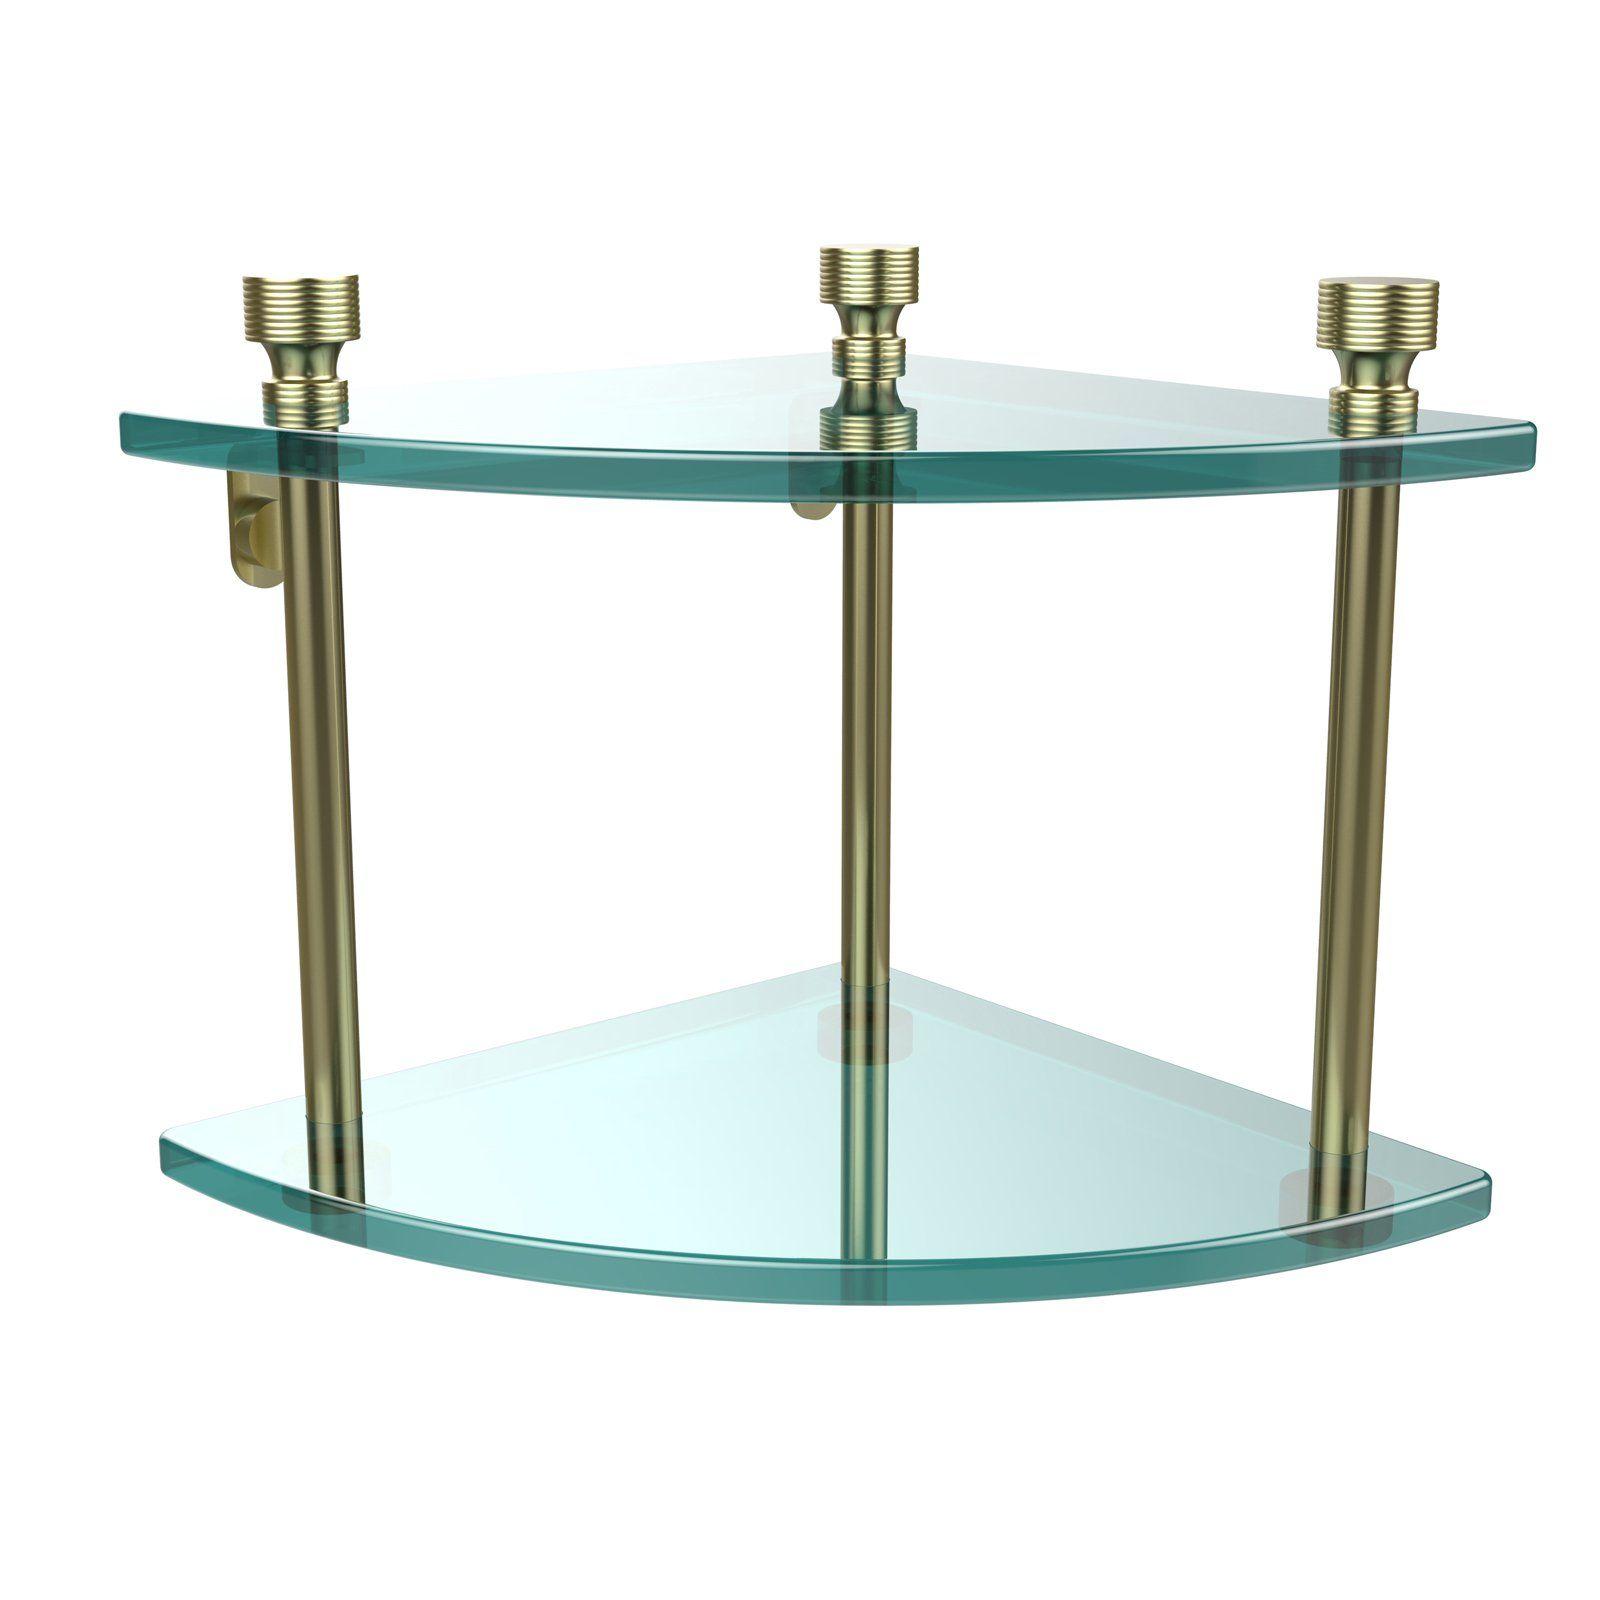 Allied Brass Foxtrot 2 Tier Corner Glass Shelf Glass Shelves Glass Bathroom Shelves Corner Wall Shelves